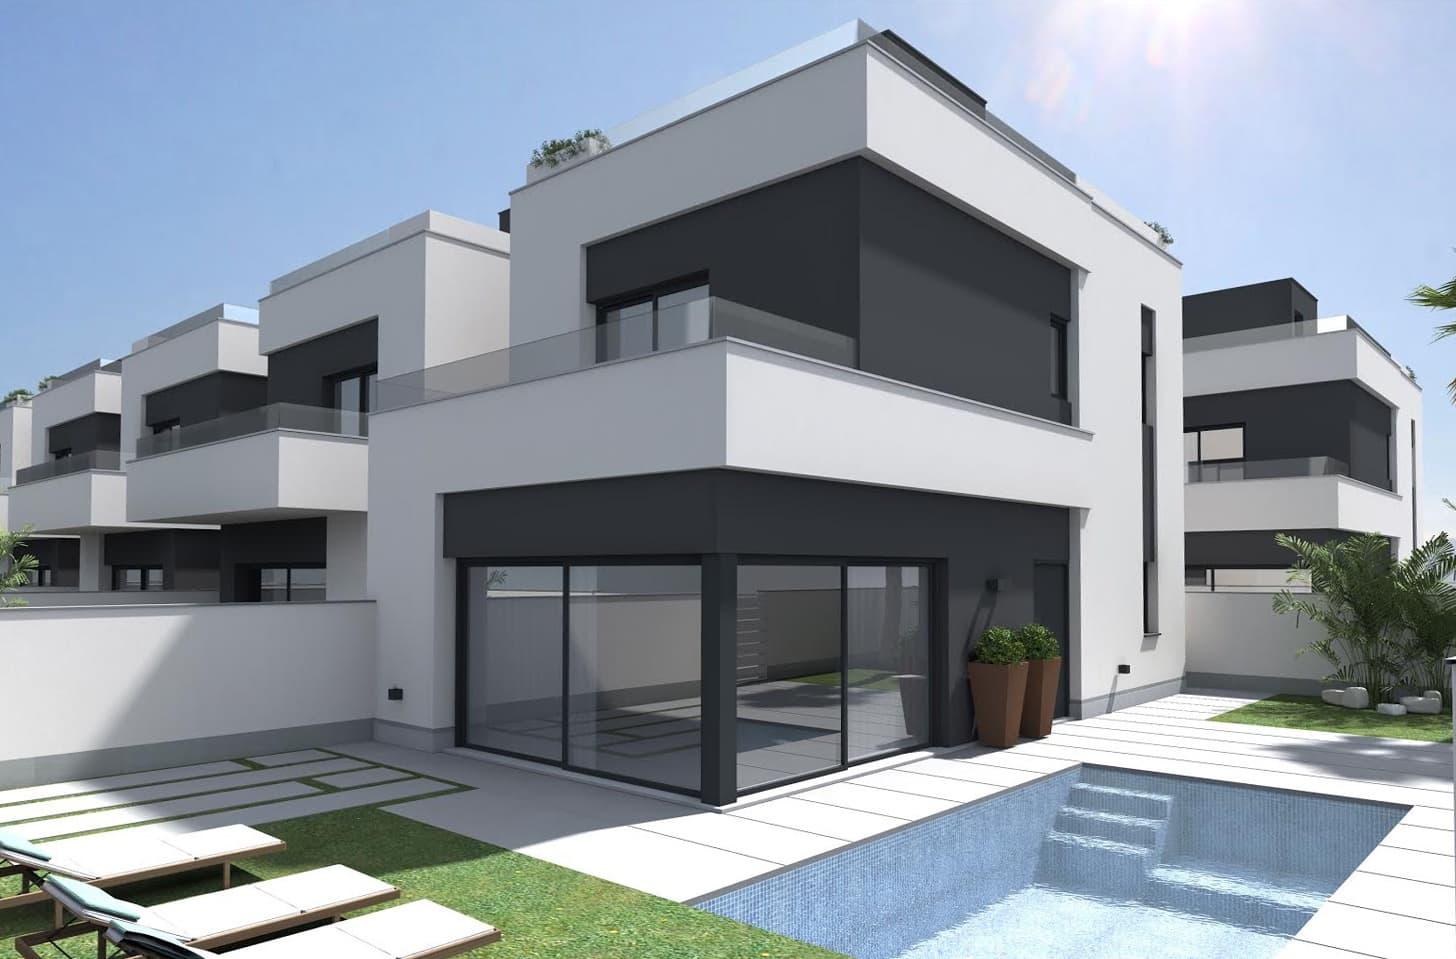 Chalet de 3 habitaciones en Pilar de la Horadada en venta con piscina - 239.900 € (Ref: 4947374)